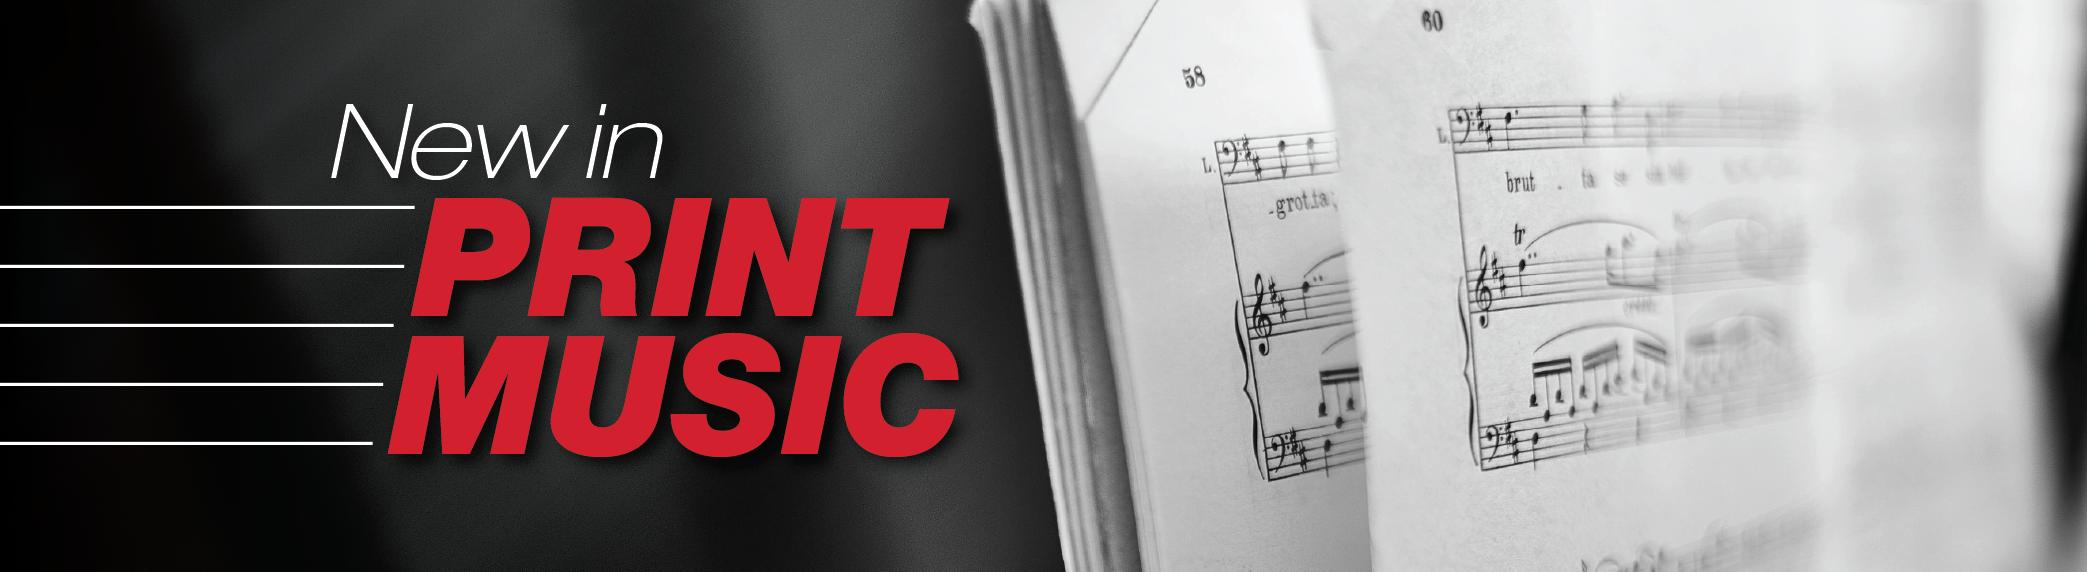 New Sheet Music